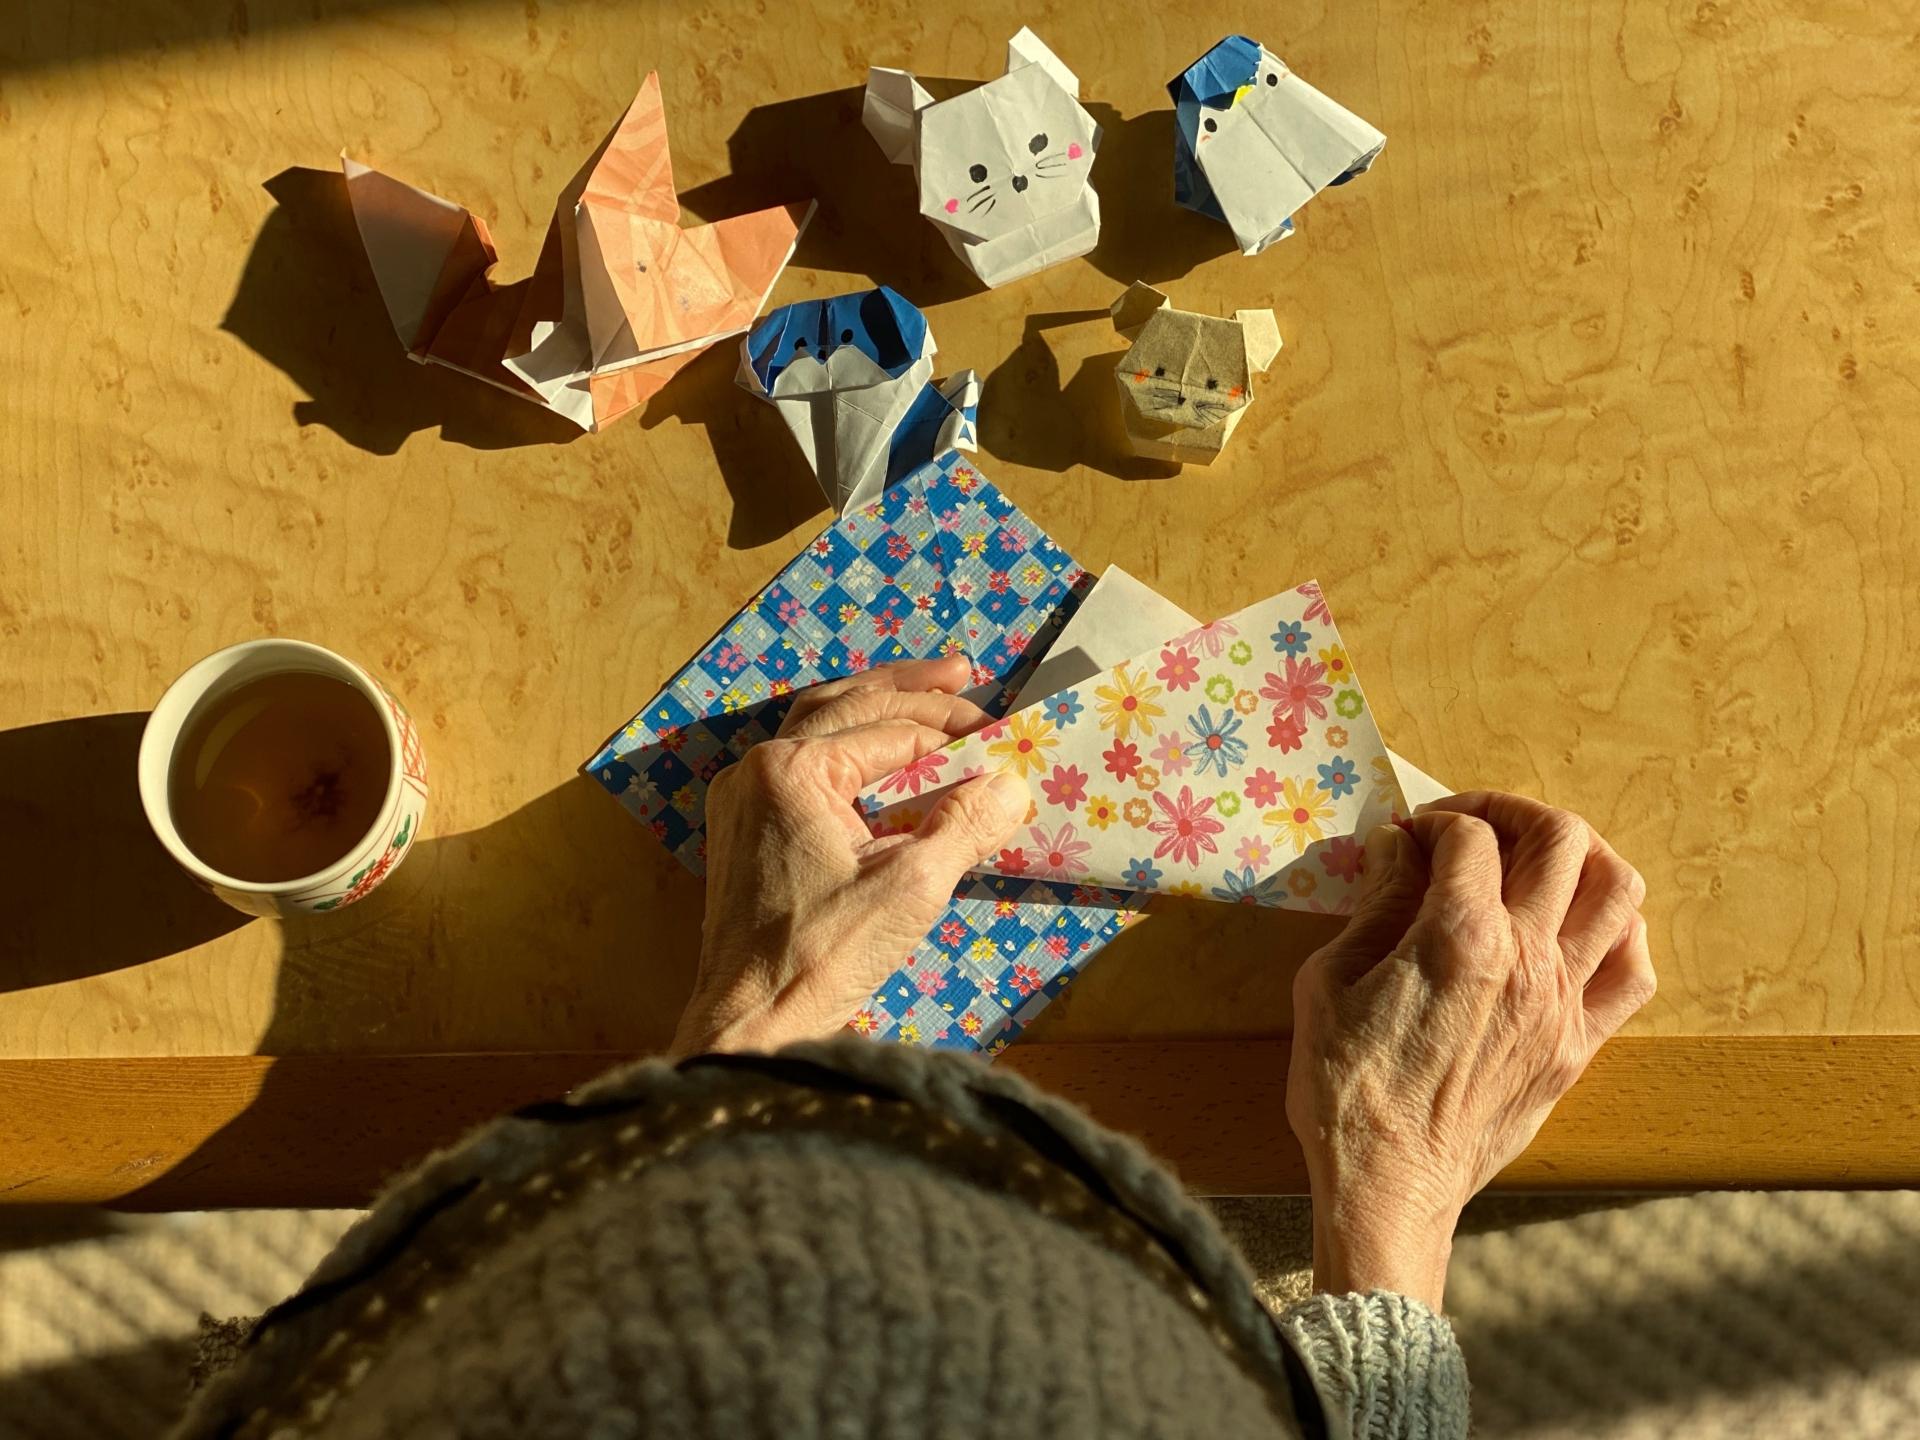 作業療法 高齢者が折り紙を折るシーン